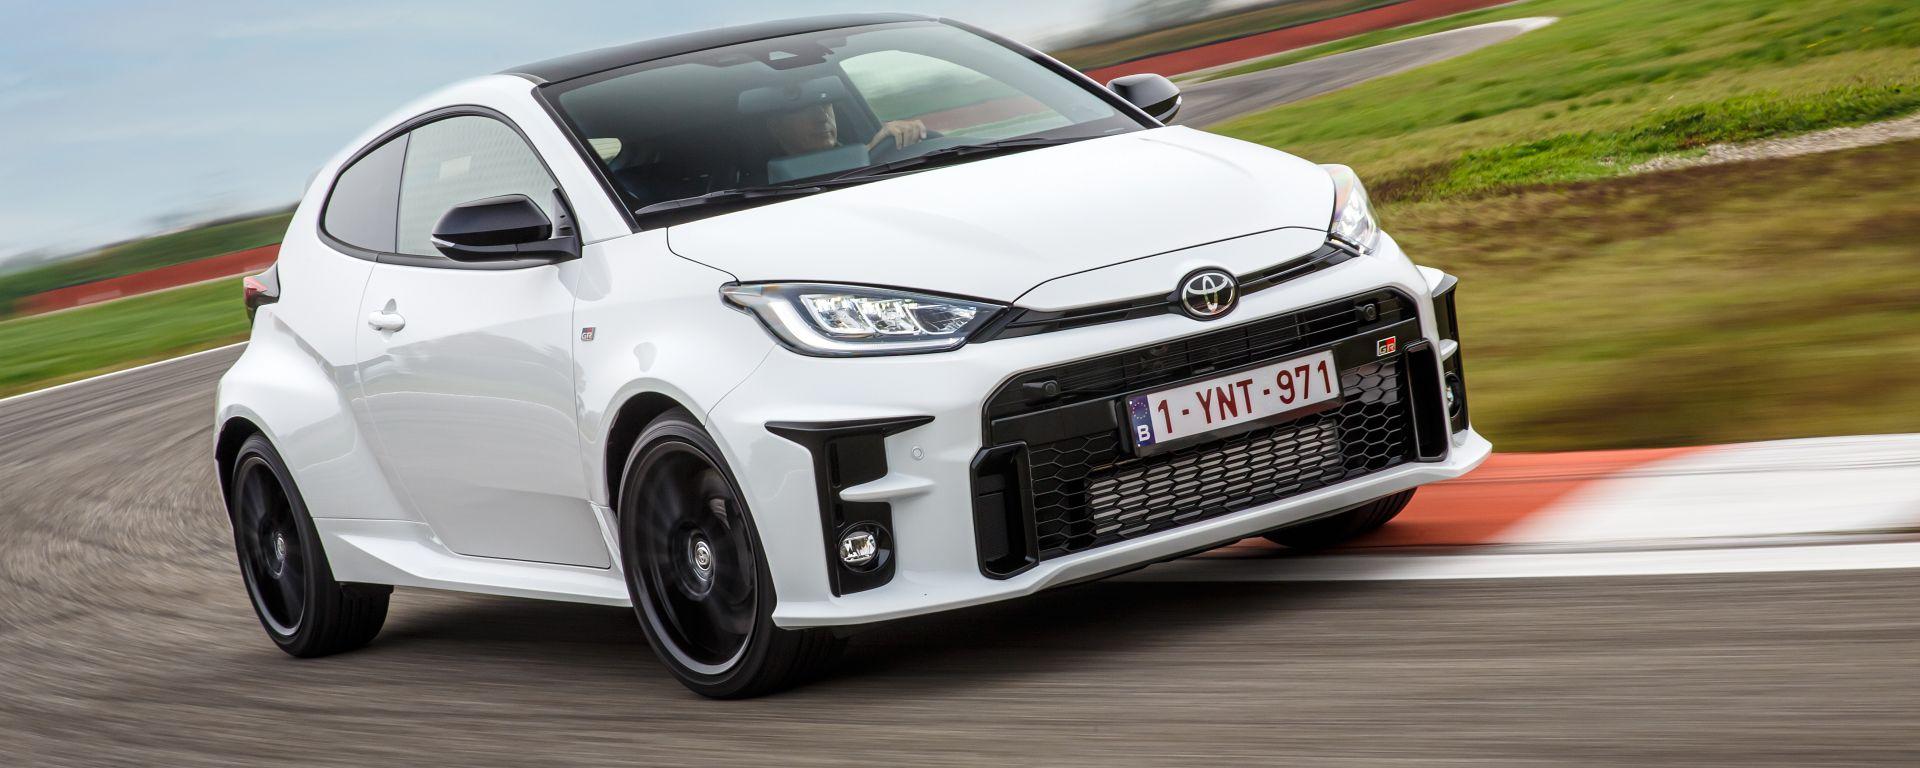 Toyota GR Yaris: danza sui cordoli della pista